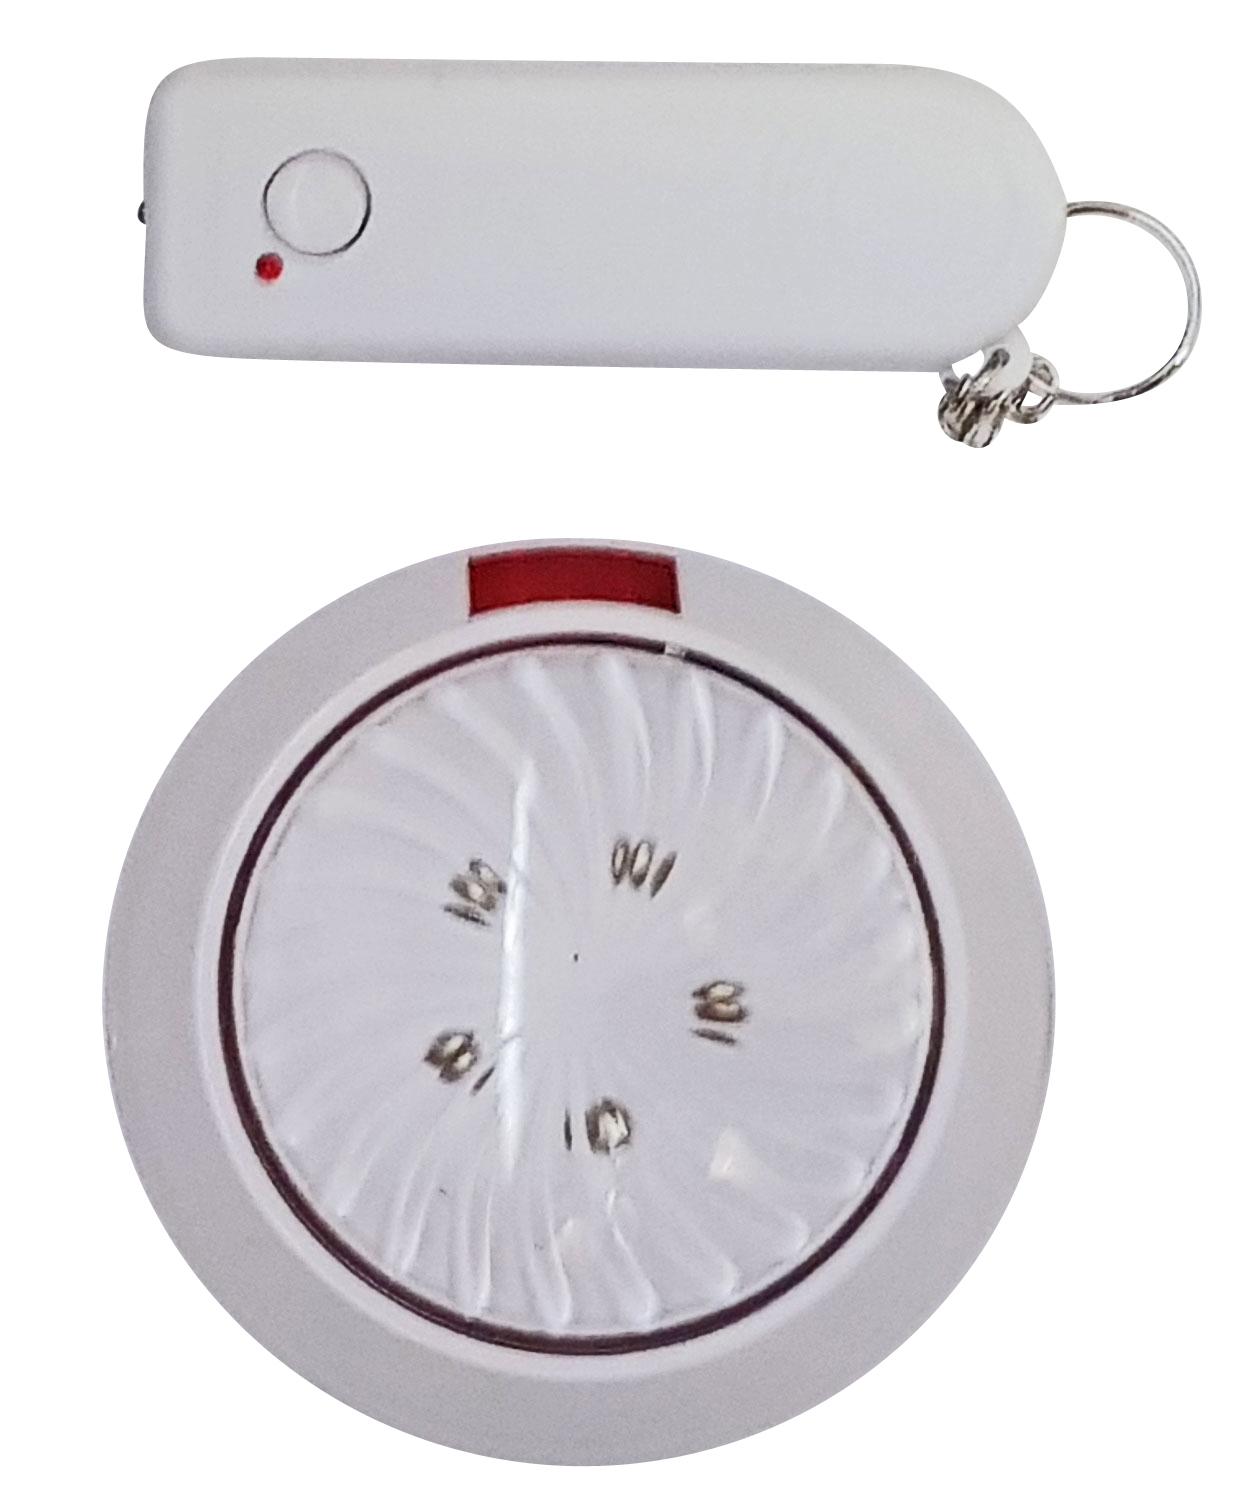 Led Lampe Mit Infrarot Fernbedienung Kabellos Batteriebetrieben Led Beleuchtung Kaufen Bei Fachhandel Plus